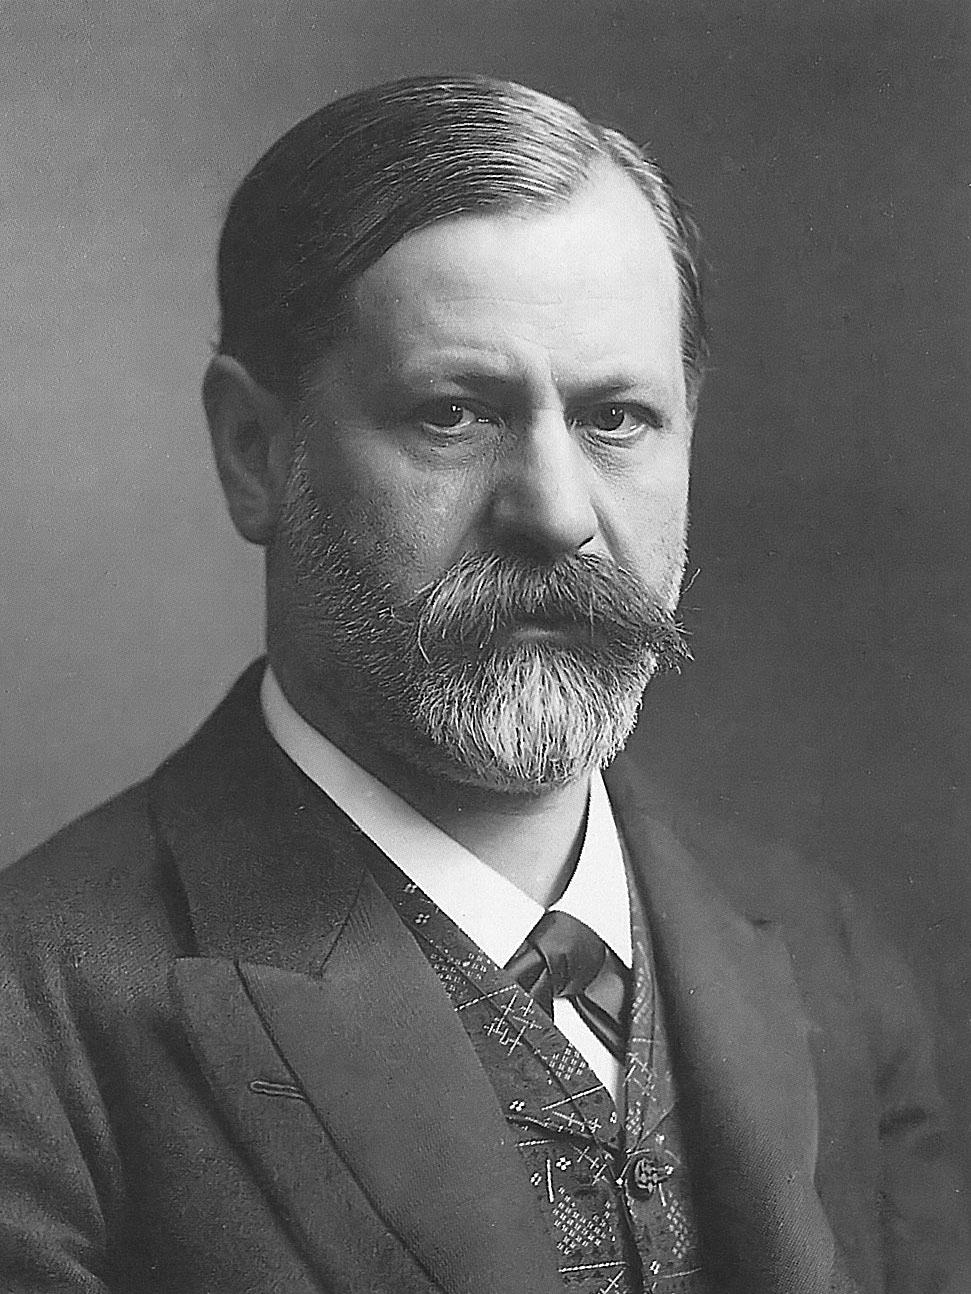 Un 49enne Sigmund Freud nel 1905